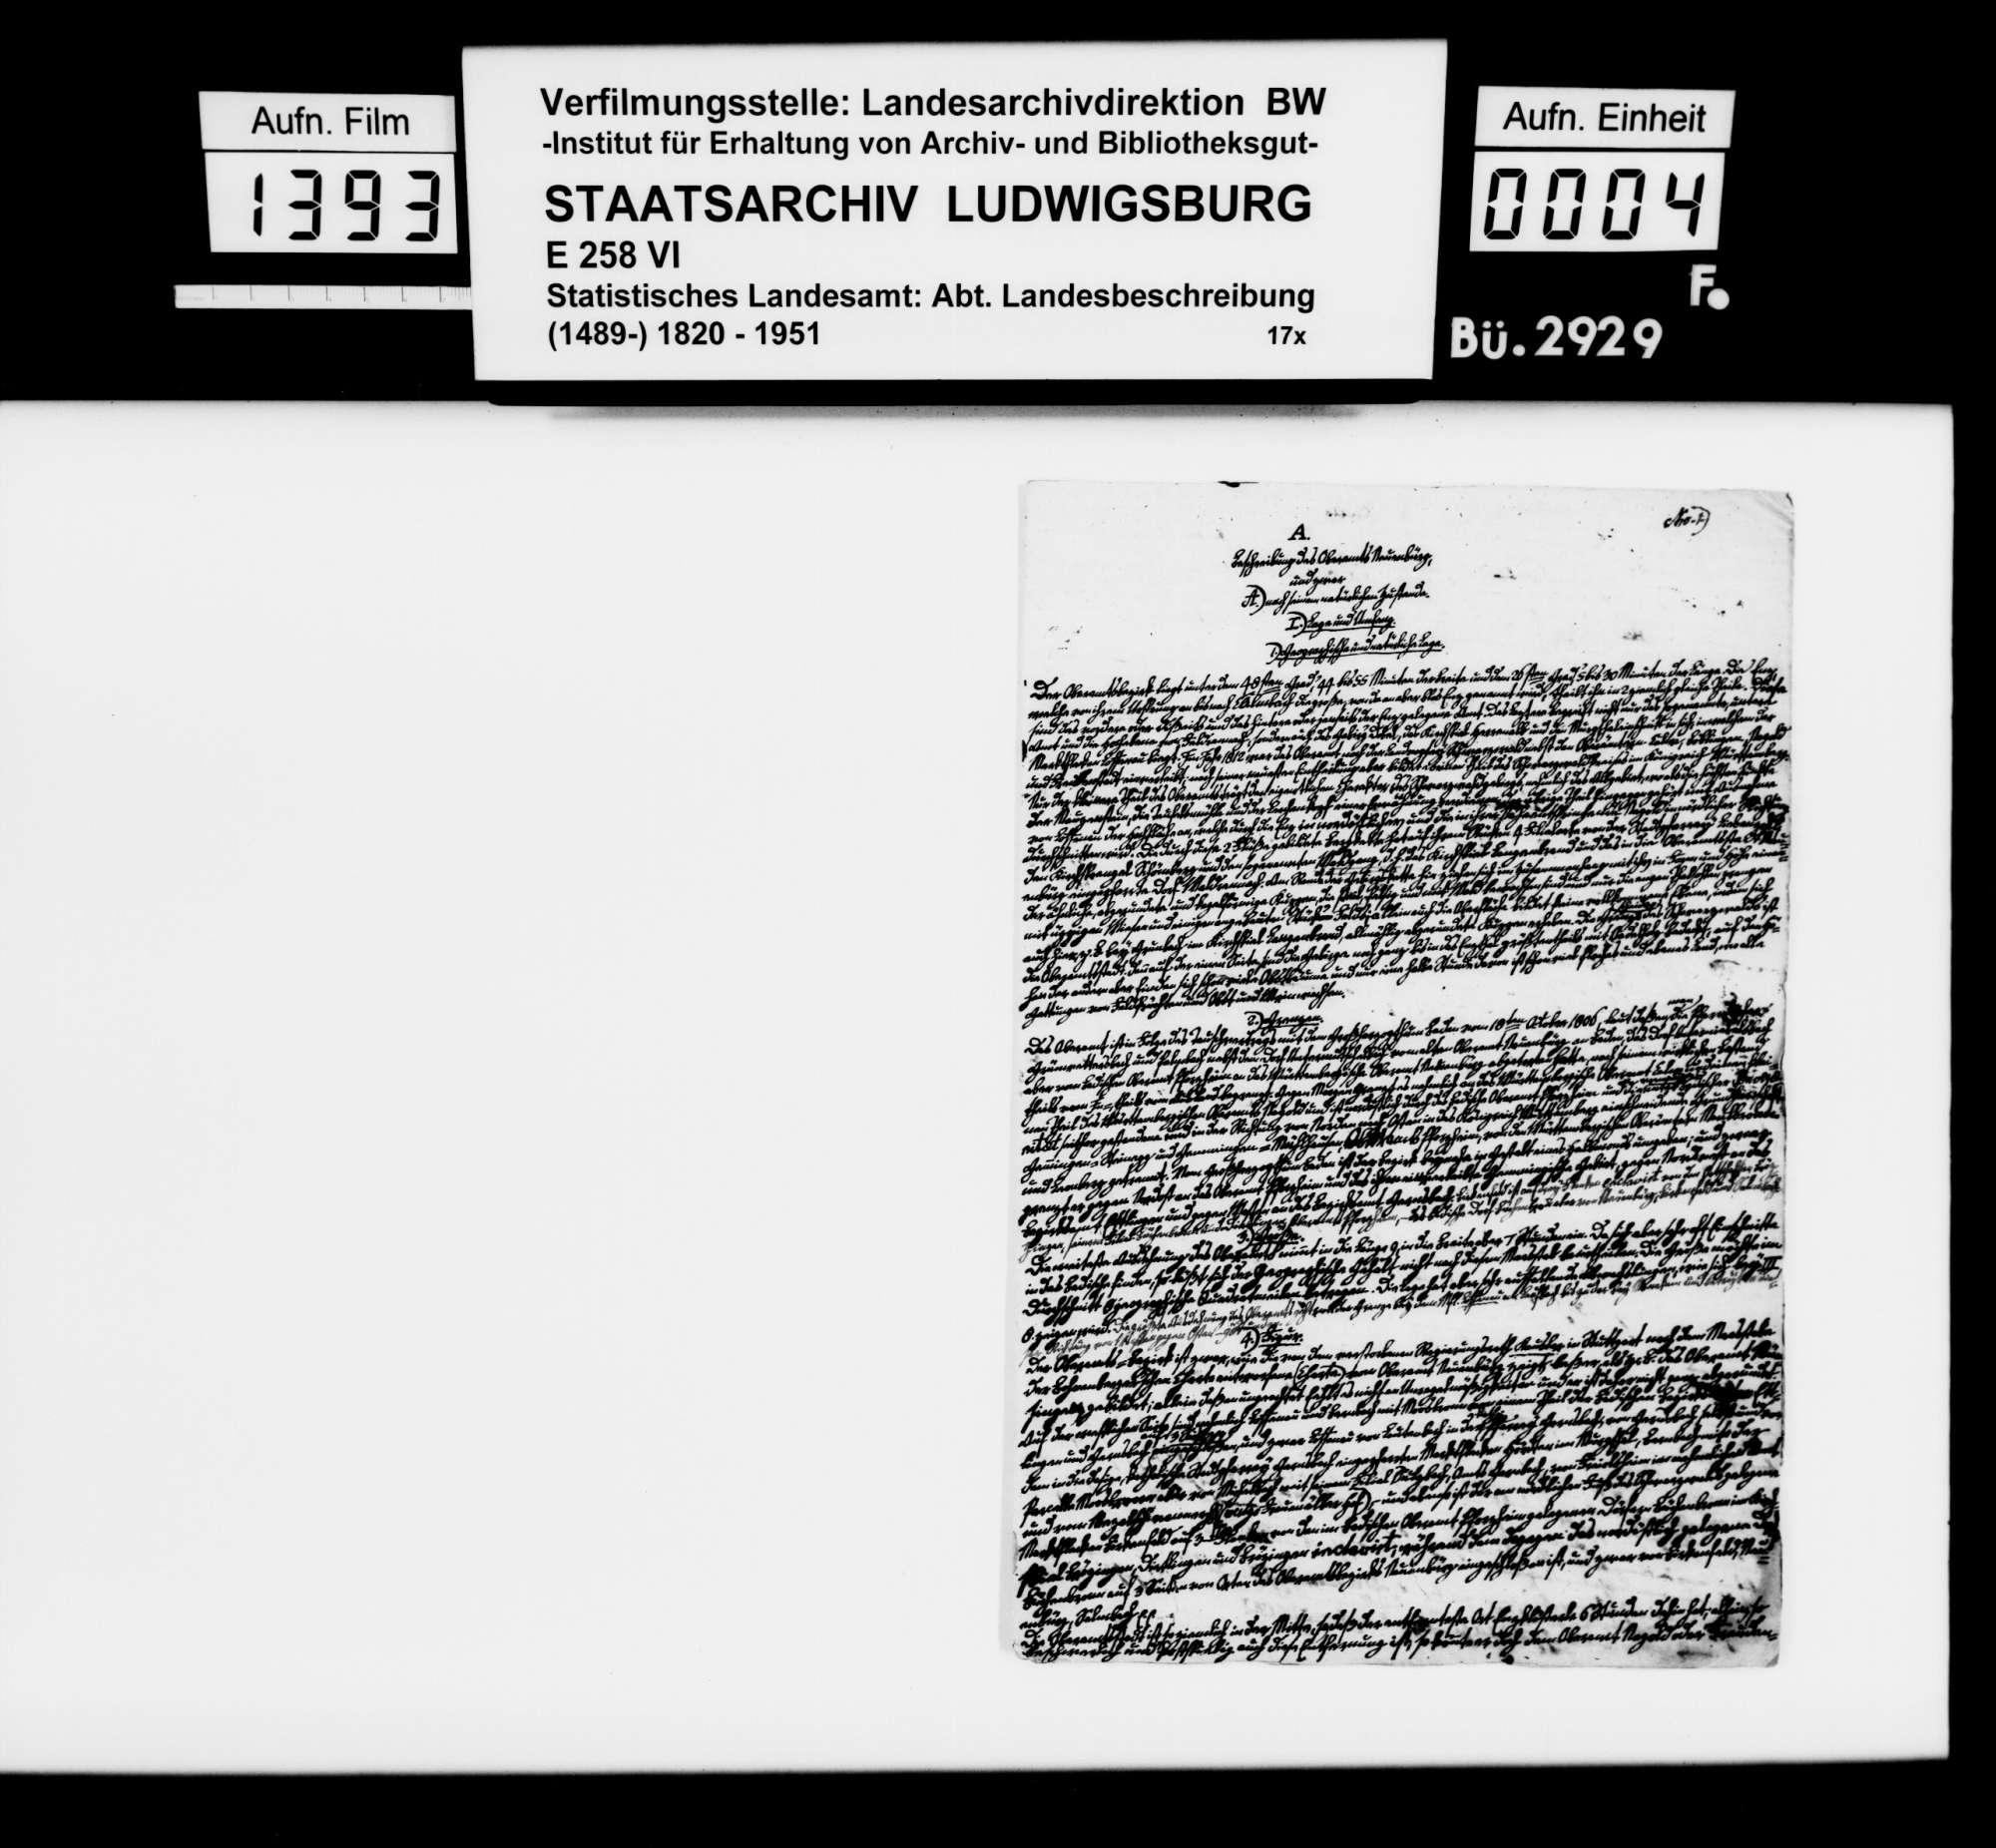 Beiträge des Pfarrers Abel aus Ottenhausen, dann Goldburghausen [Oberamt Neresheim] zur OAB, Bild 3